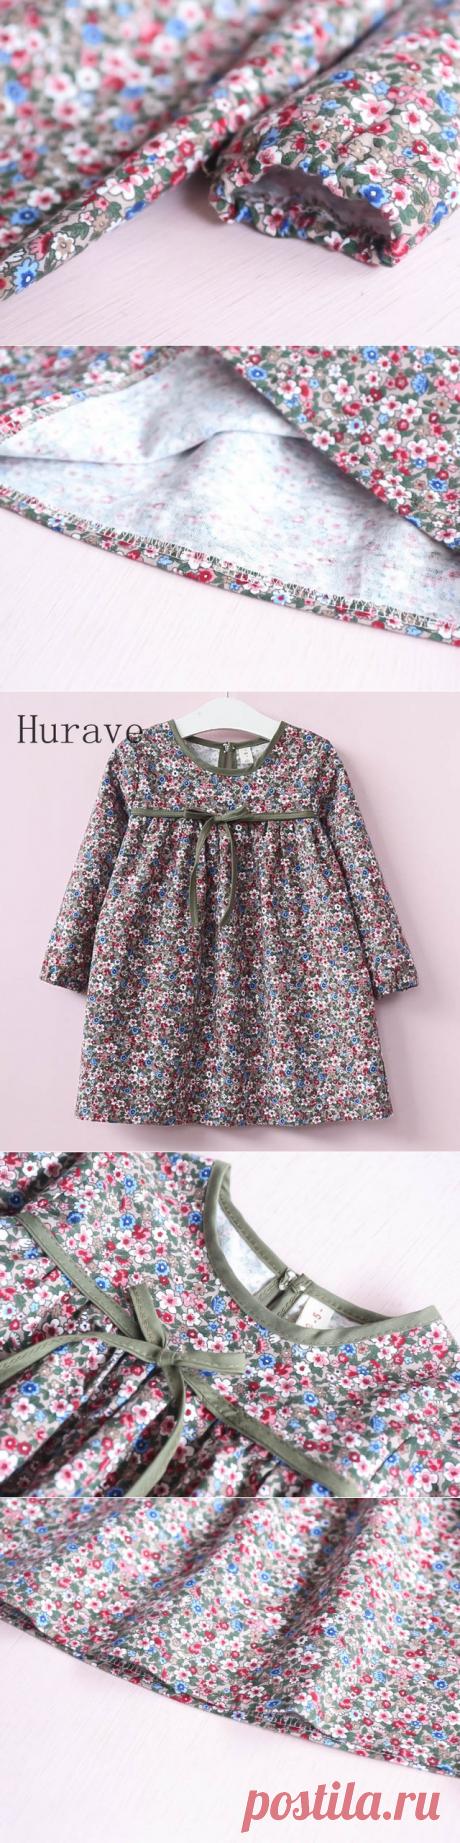 Hurave милые осенние платья для маленьких детей Одежда для девочек платье с цветочным принтом детская Костюмы с длинным рукавом Осень Vestidos купить на AliExpress